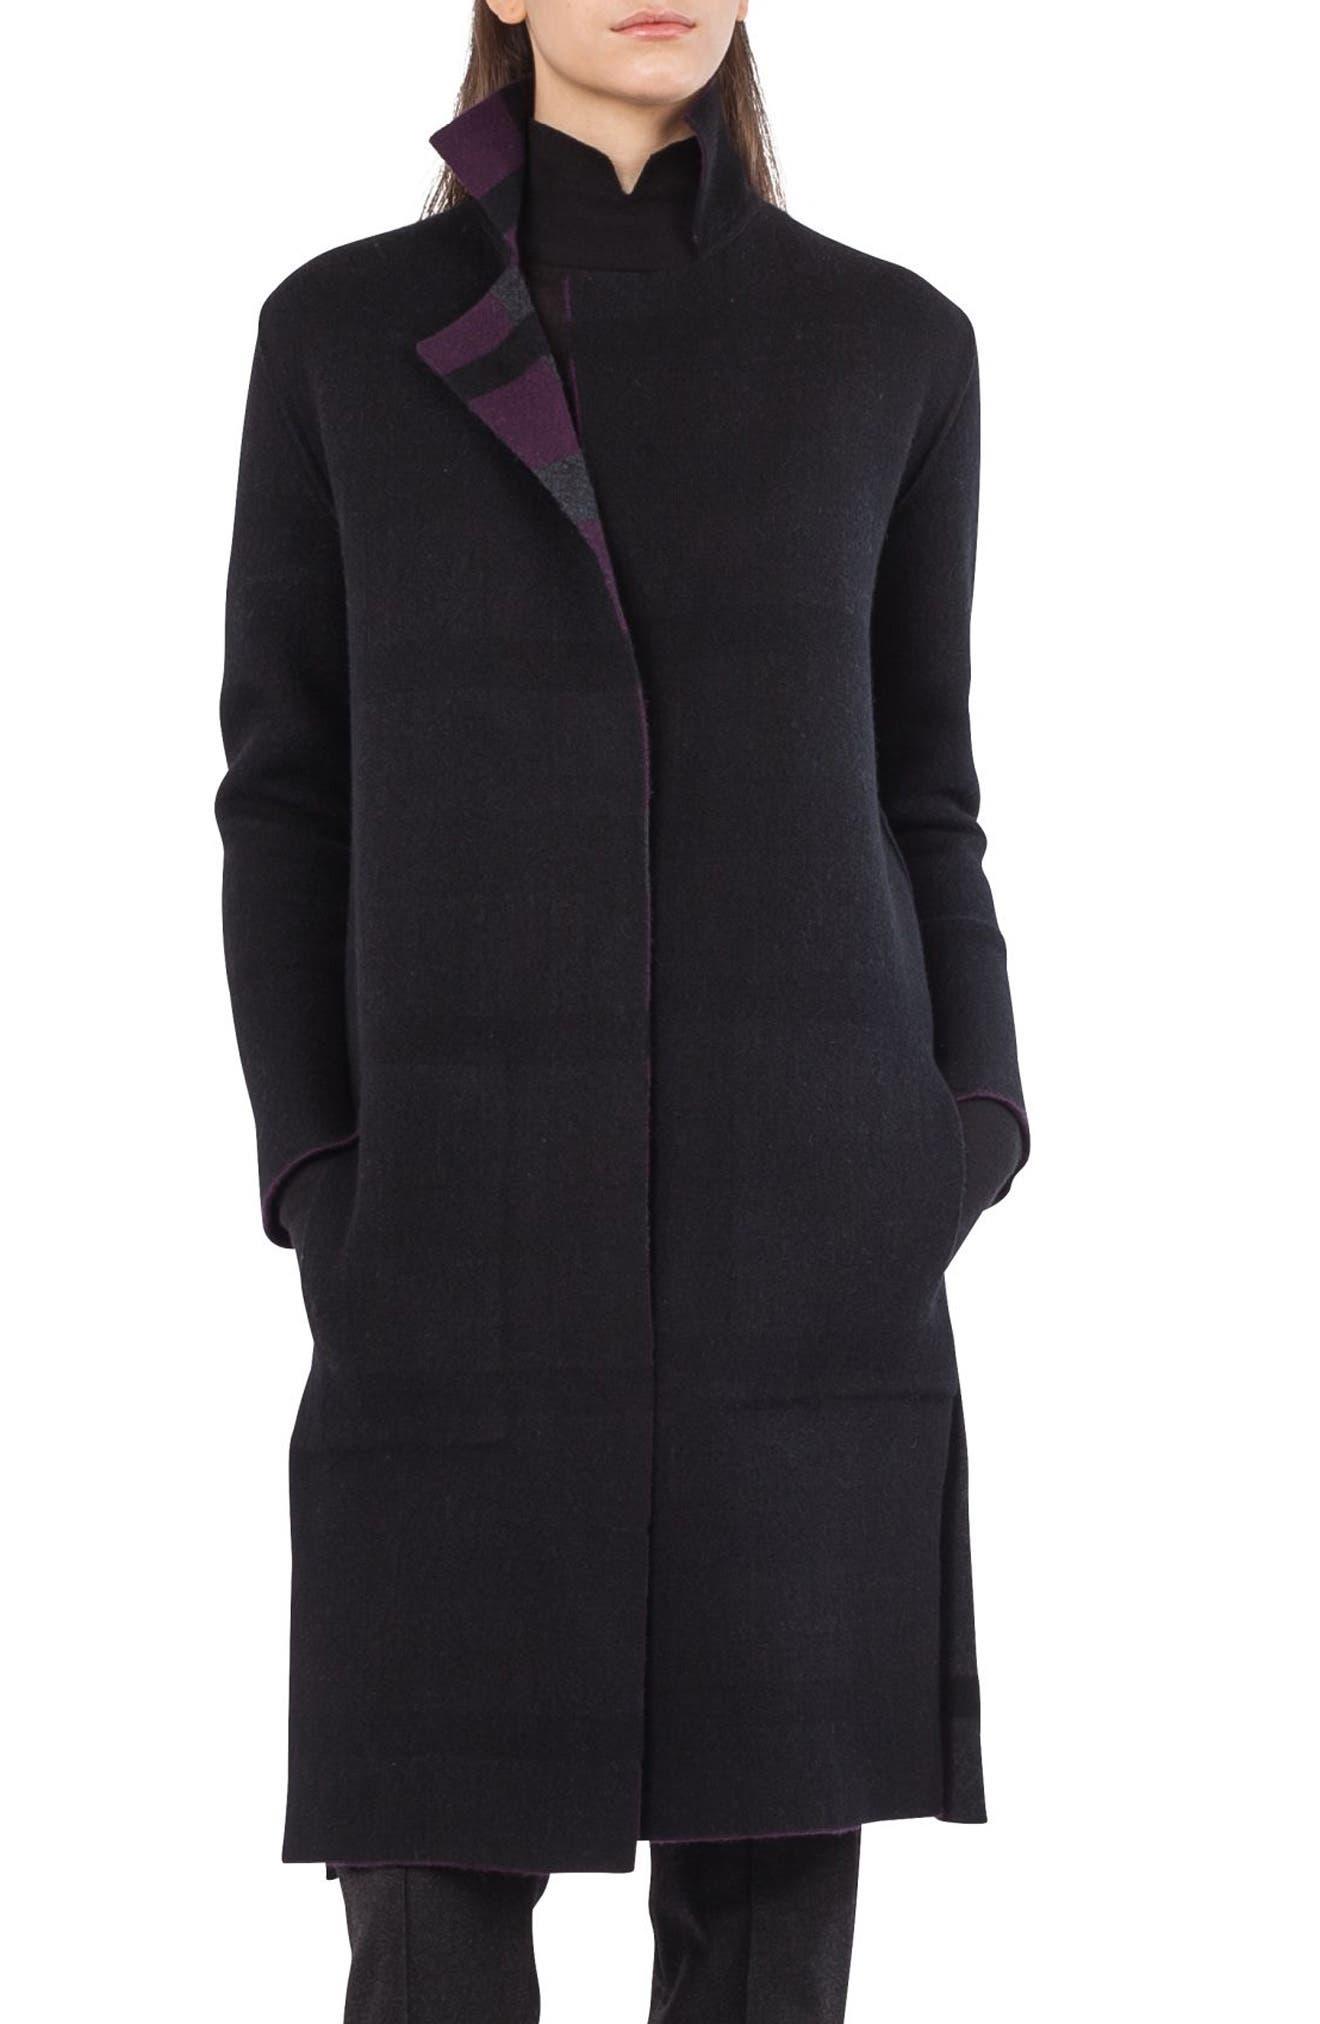 Reversible Double Face Cashmere Coat,                             Alternate thumbnail 2, color,                             Purple/ Black